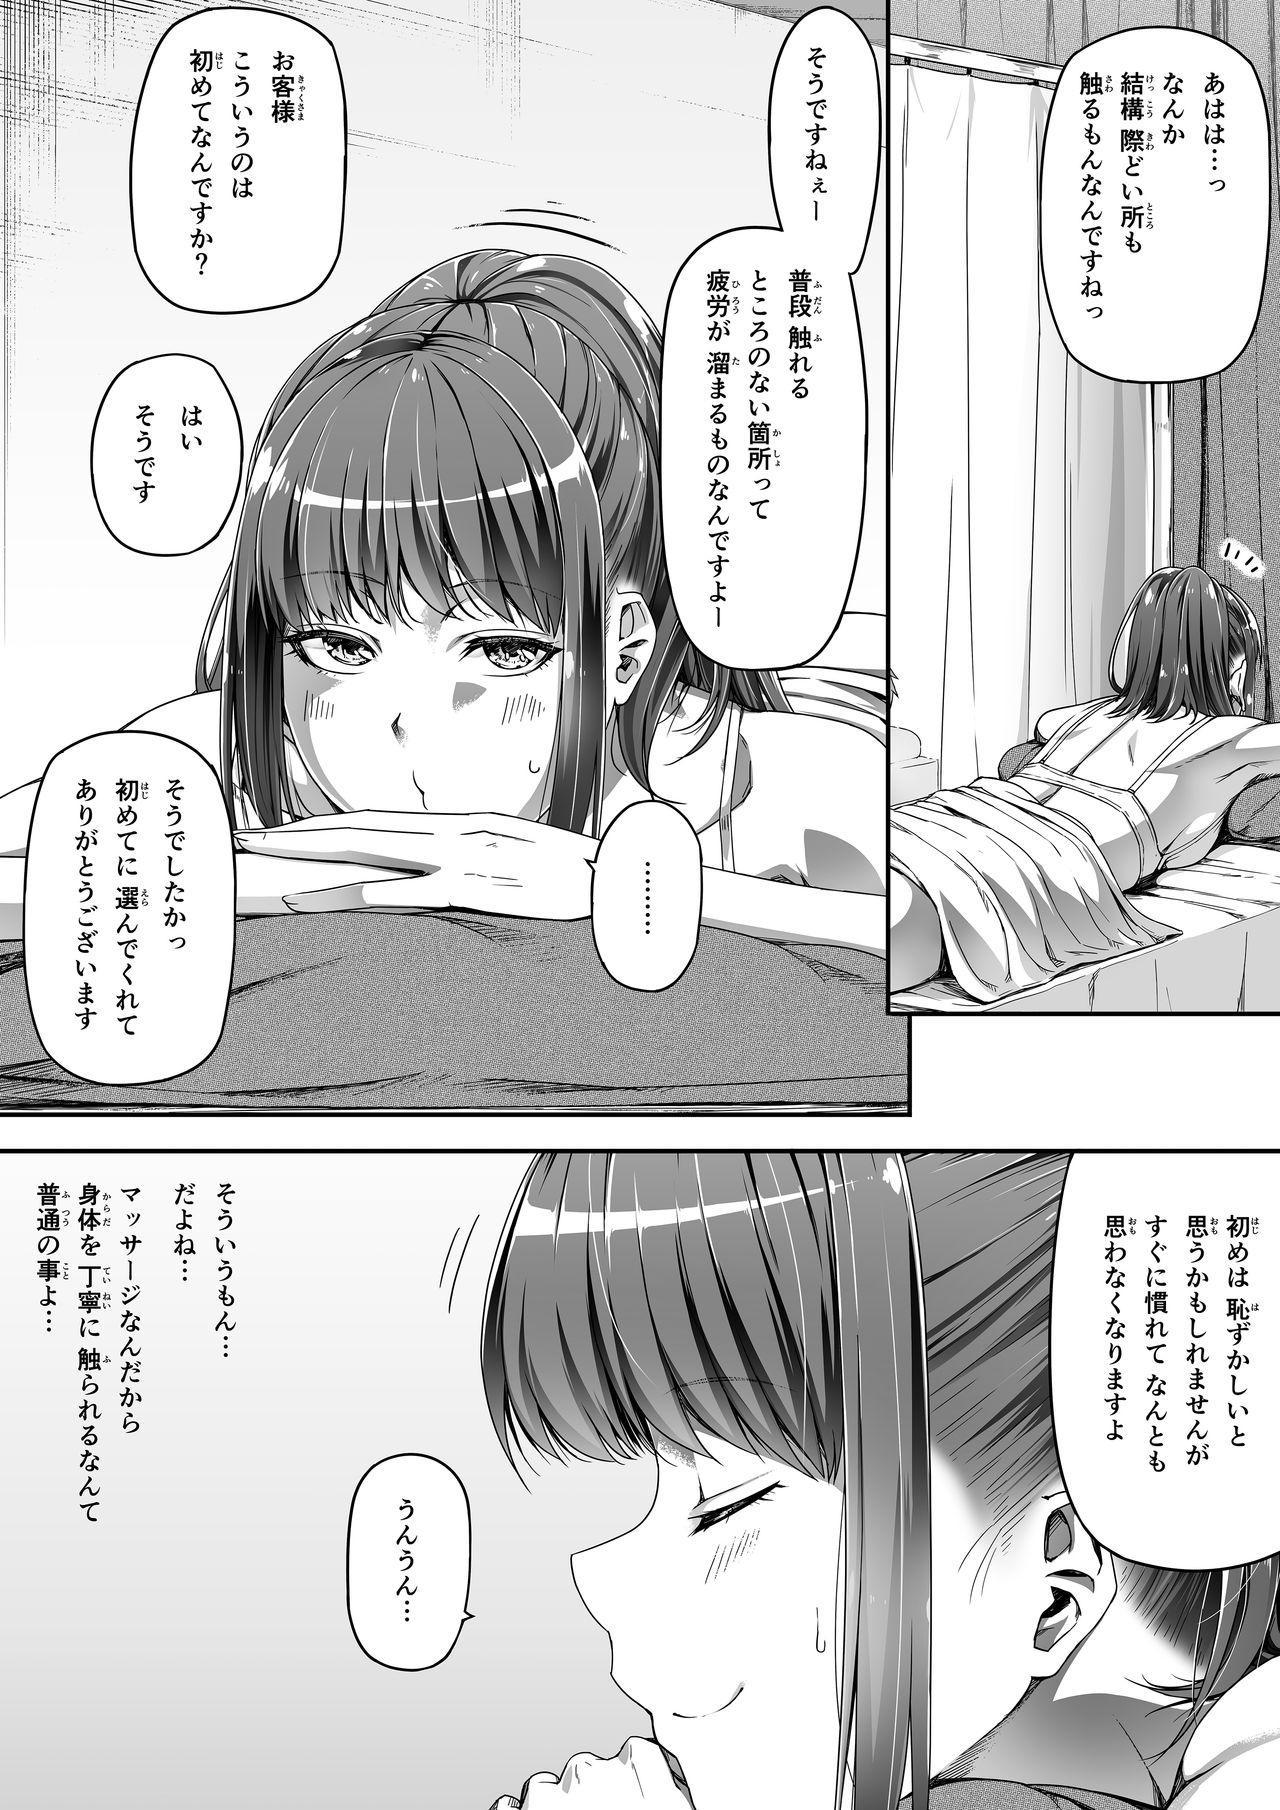 Ore wa Kanojo o Tomenakatta. Omake no Ohanashi 8